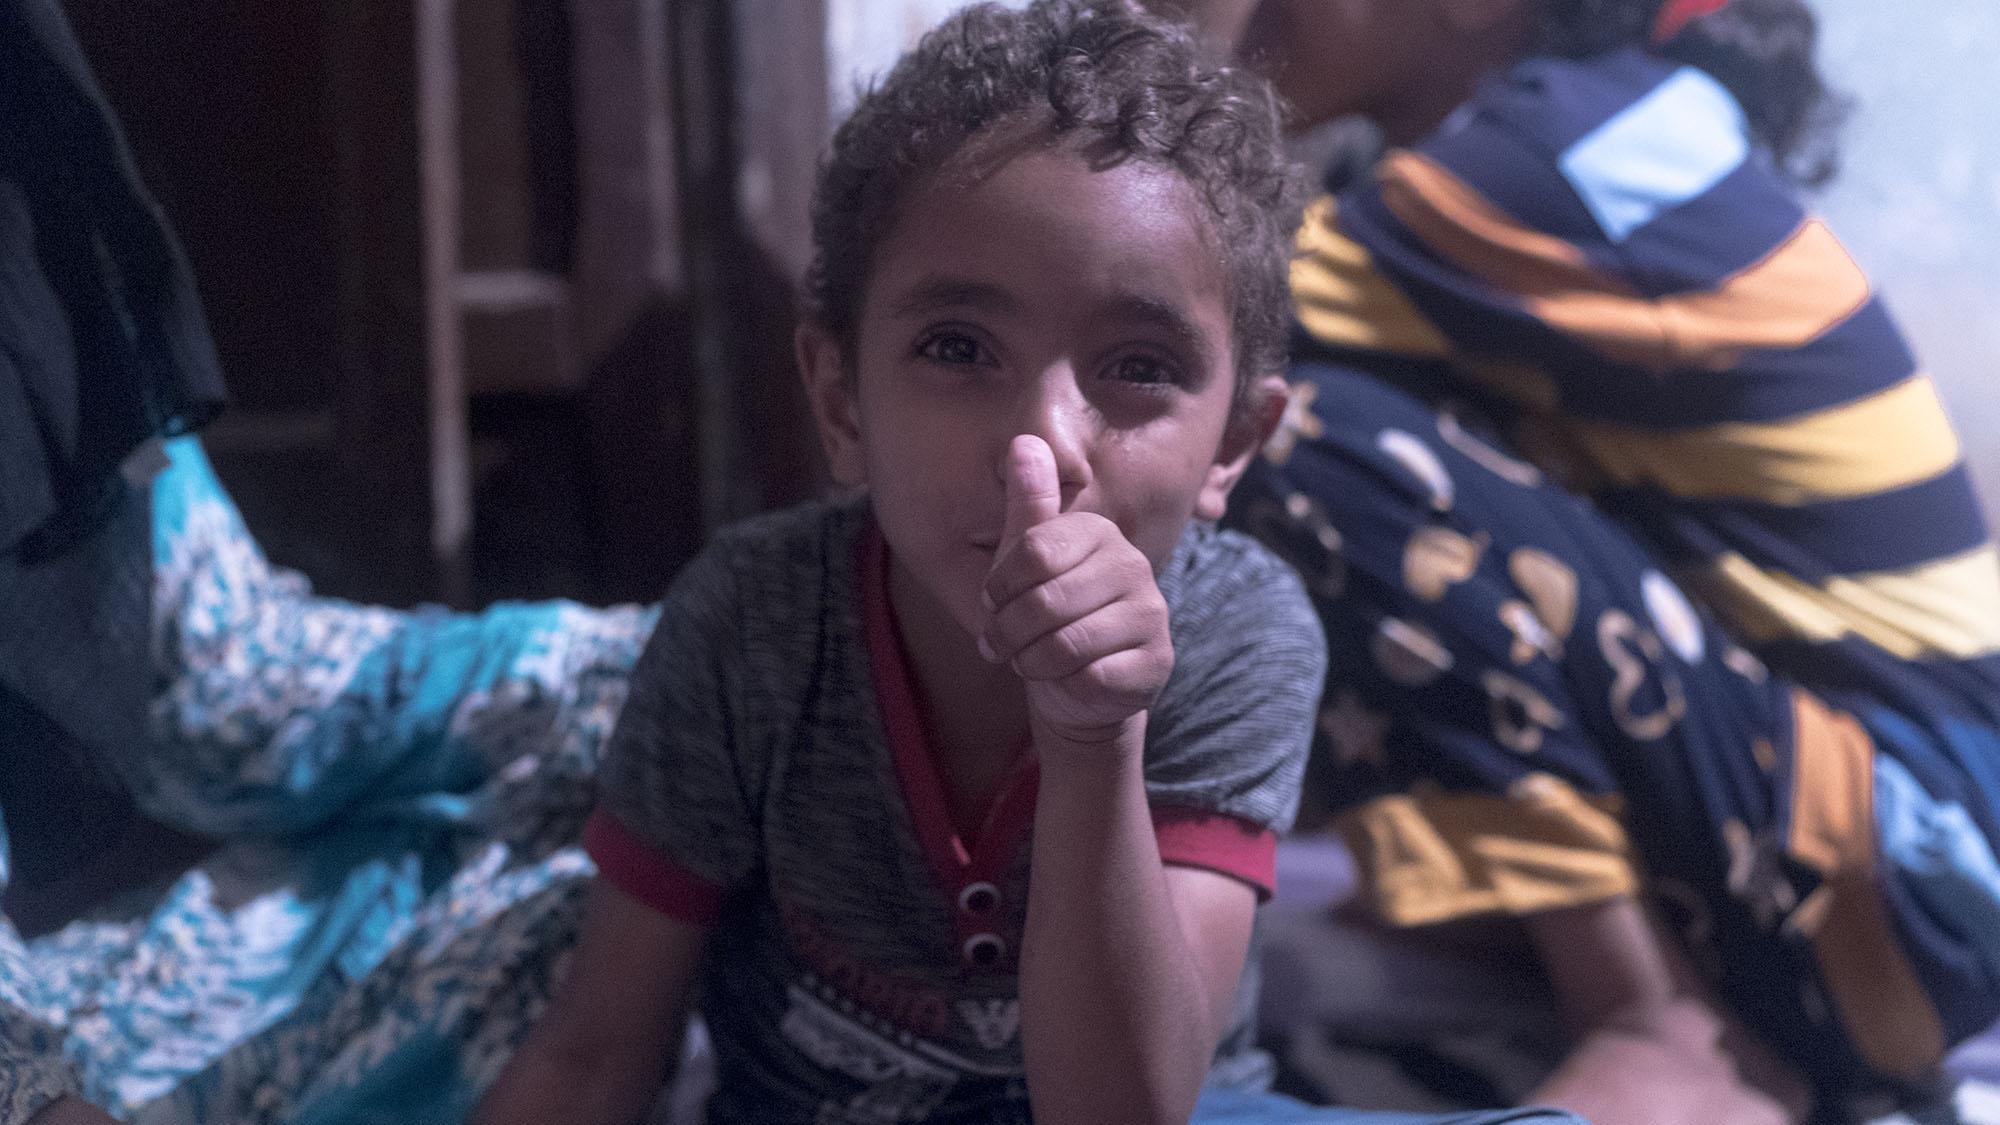 enfant des rues maroc